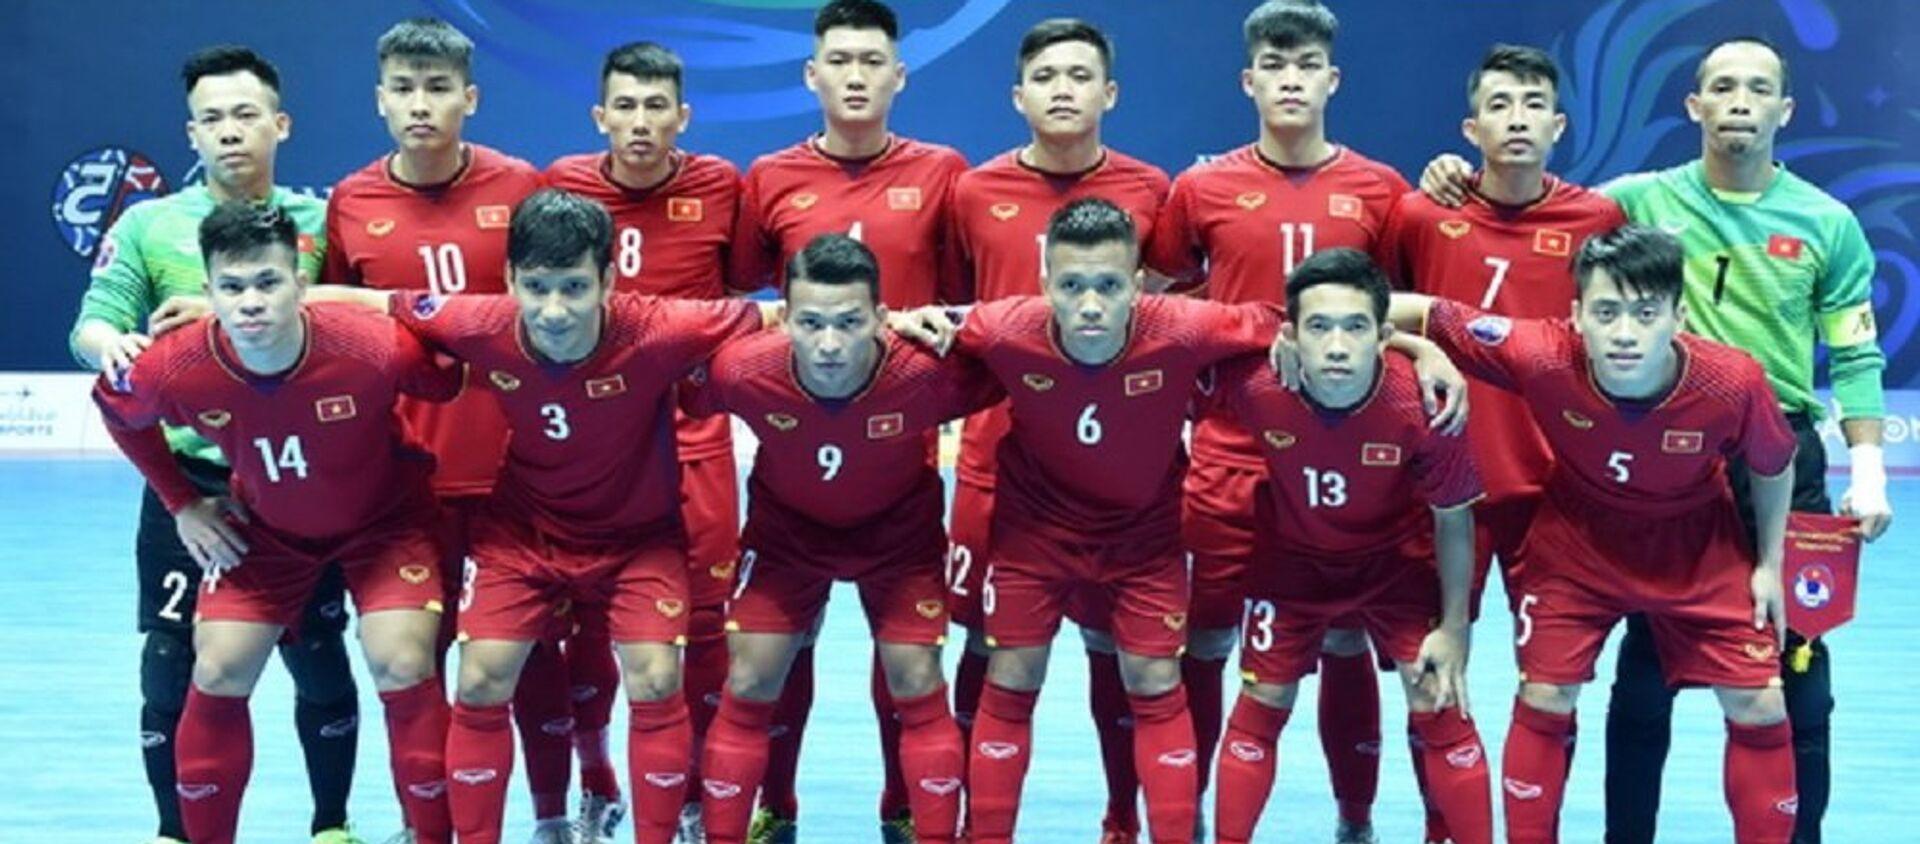 Đội tuyển Việt Nam càng chơi càng hay và giành quyền vào tứ kết giải vô địch châu Á 2018. - Sputnik Việt Nam, 1920, 06.02.2018